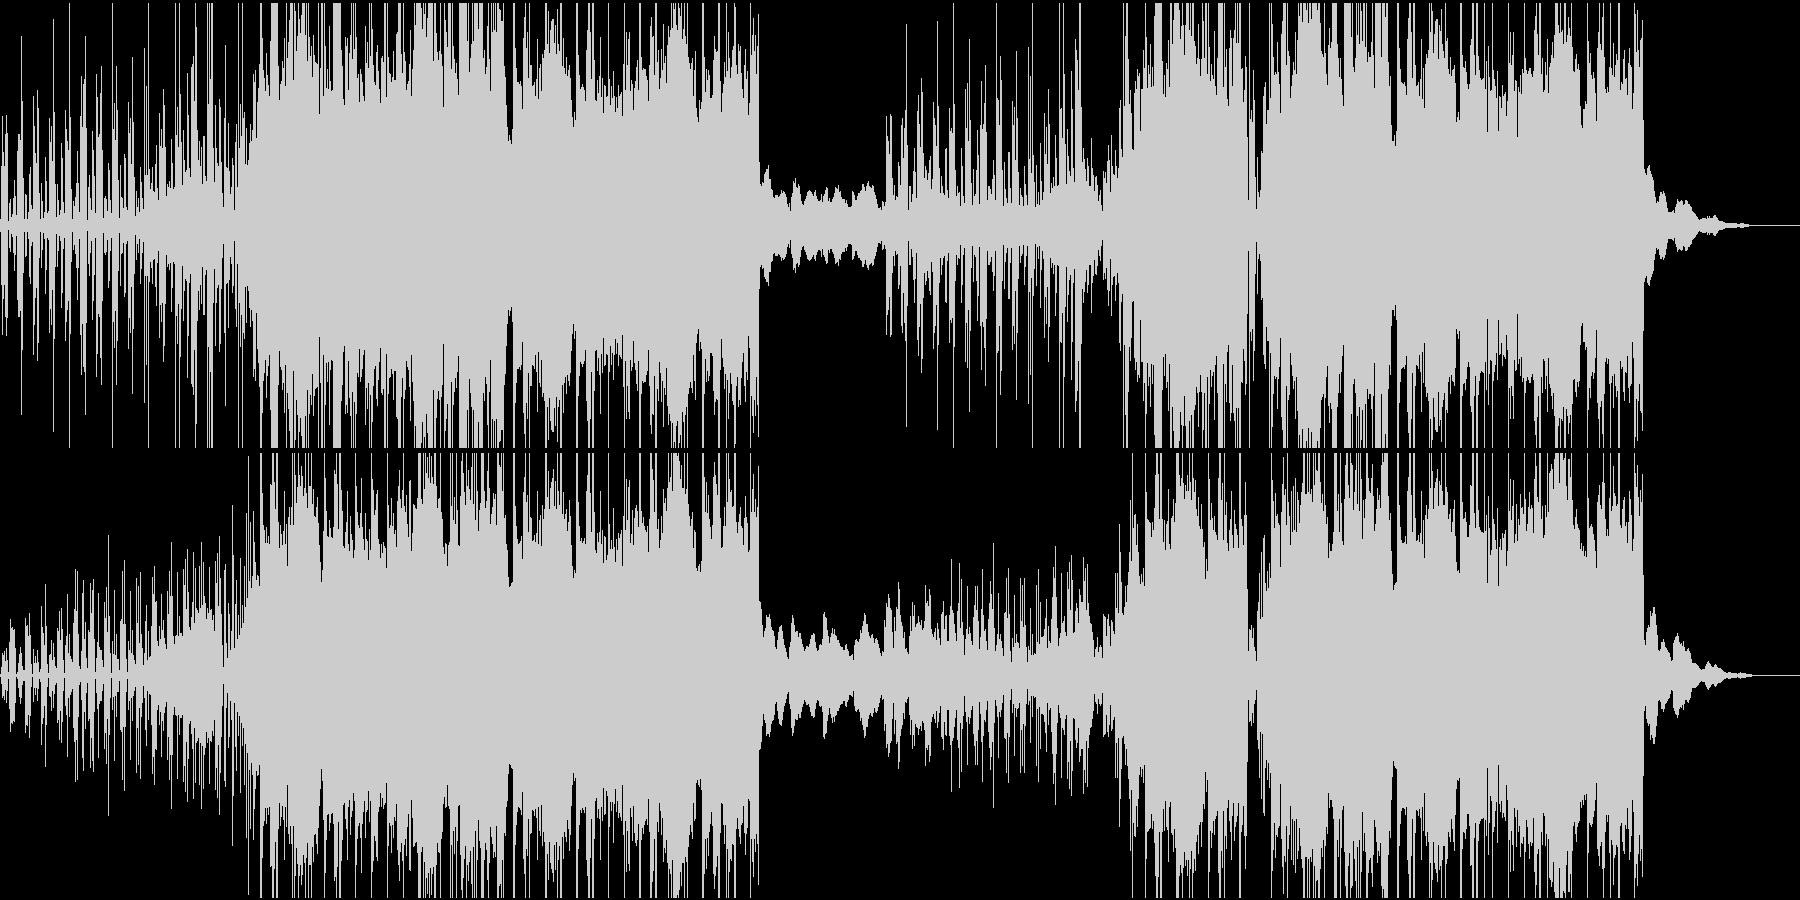 ミュートしたギターが特徴的なヒップホップの未再生の波形